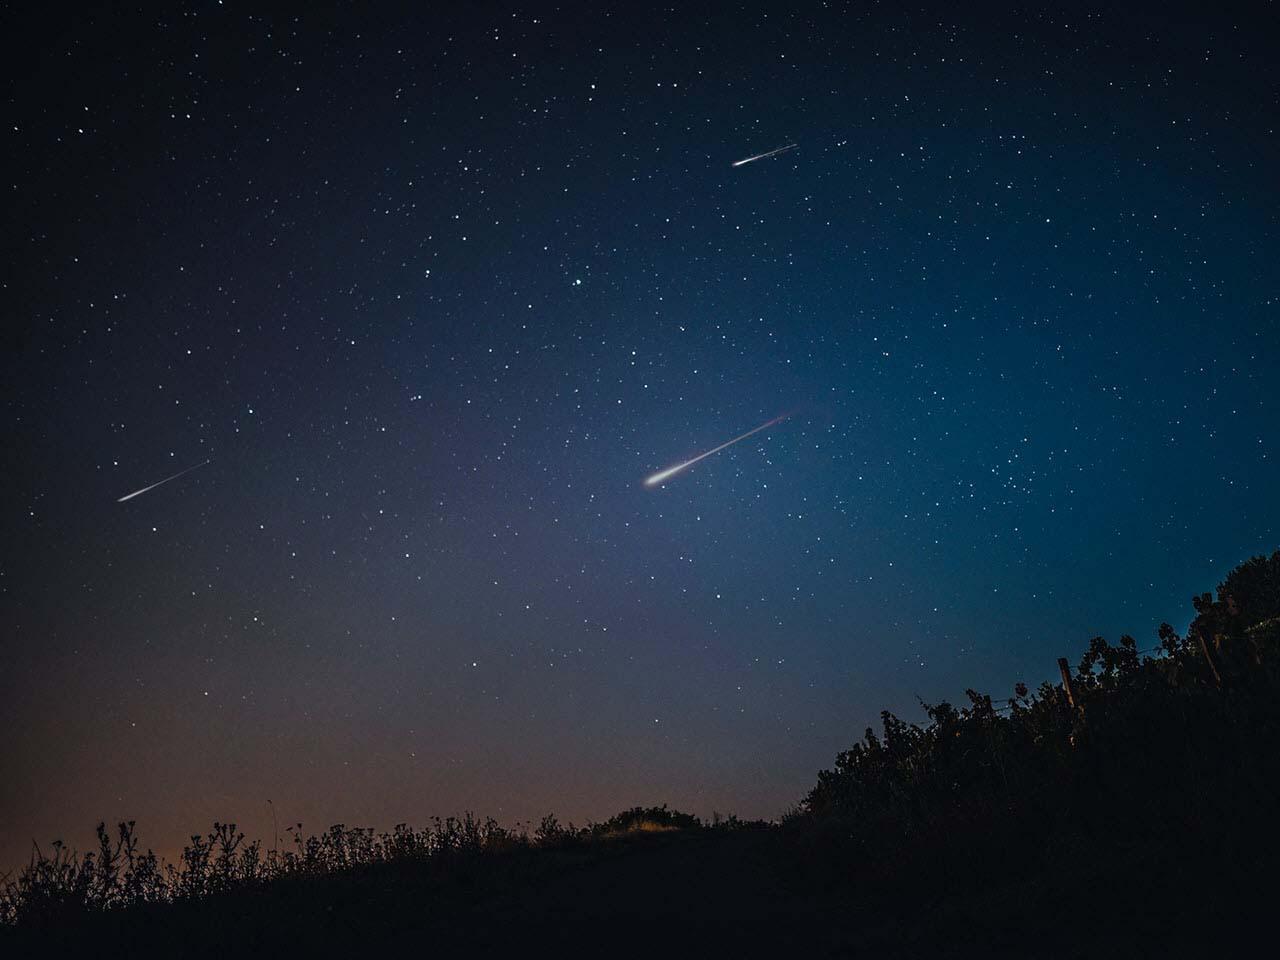 Hình ảnh đẹp bầu trời sao băng đêm